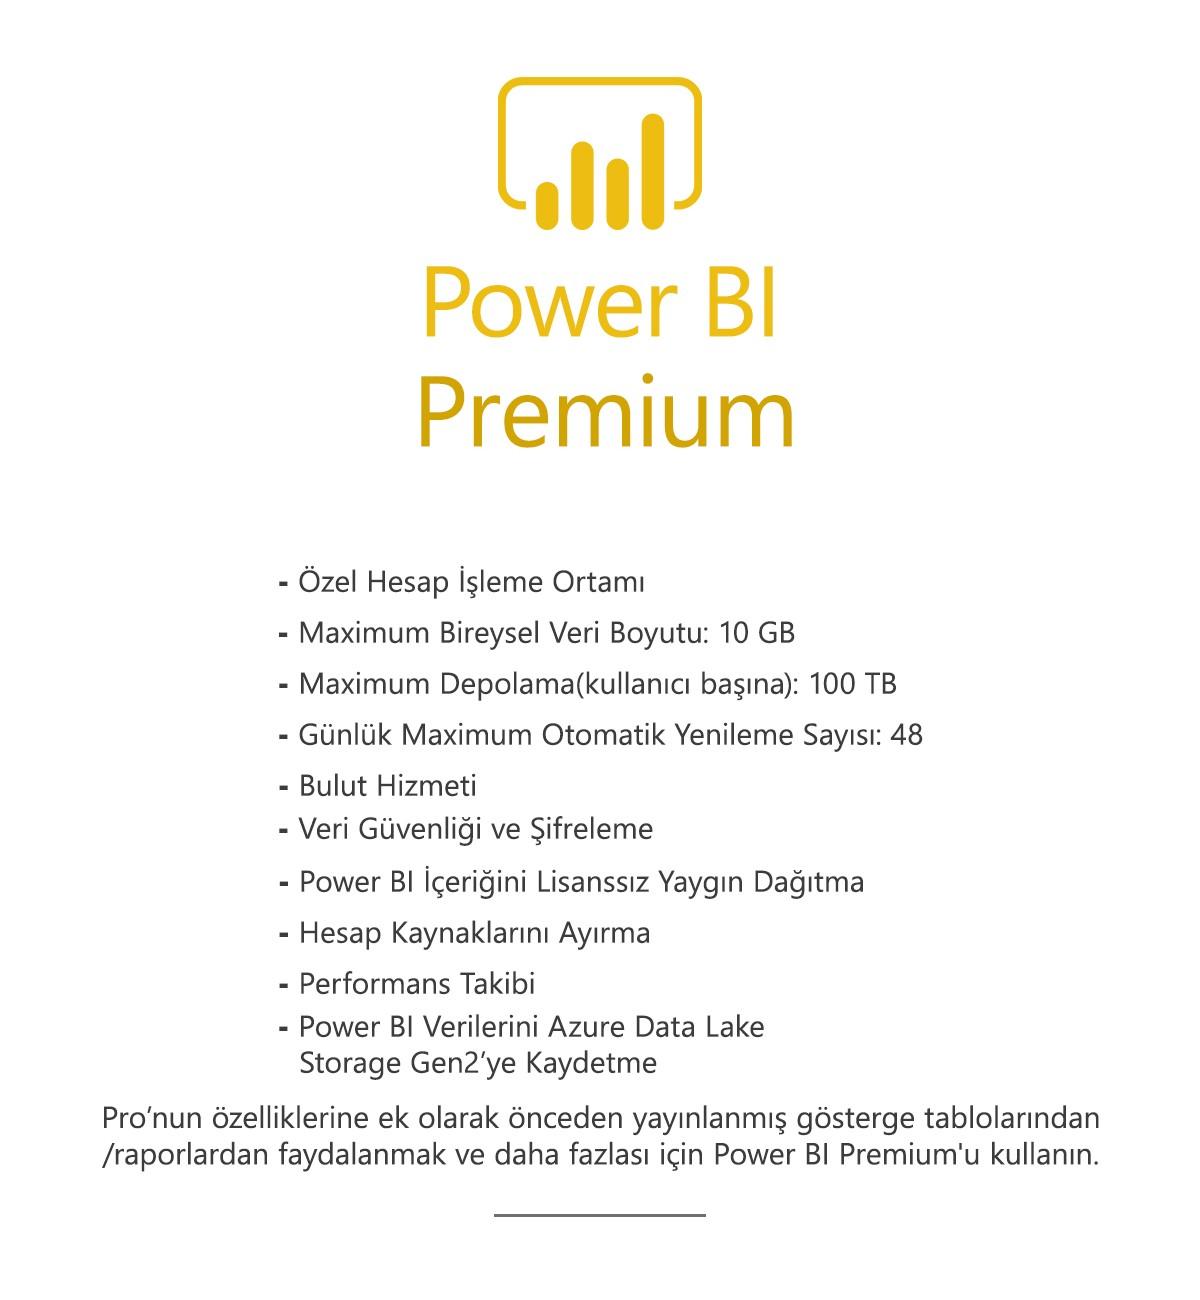 Power BI Premium